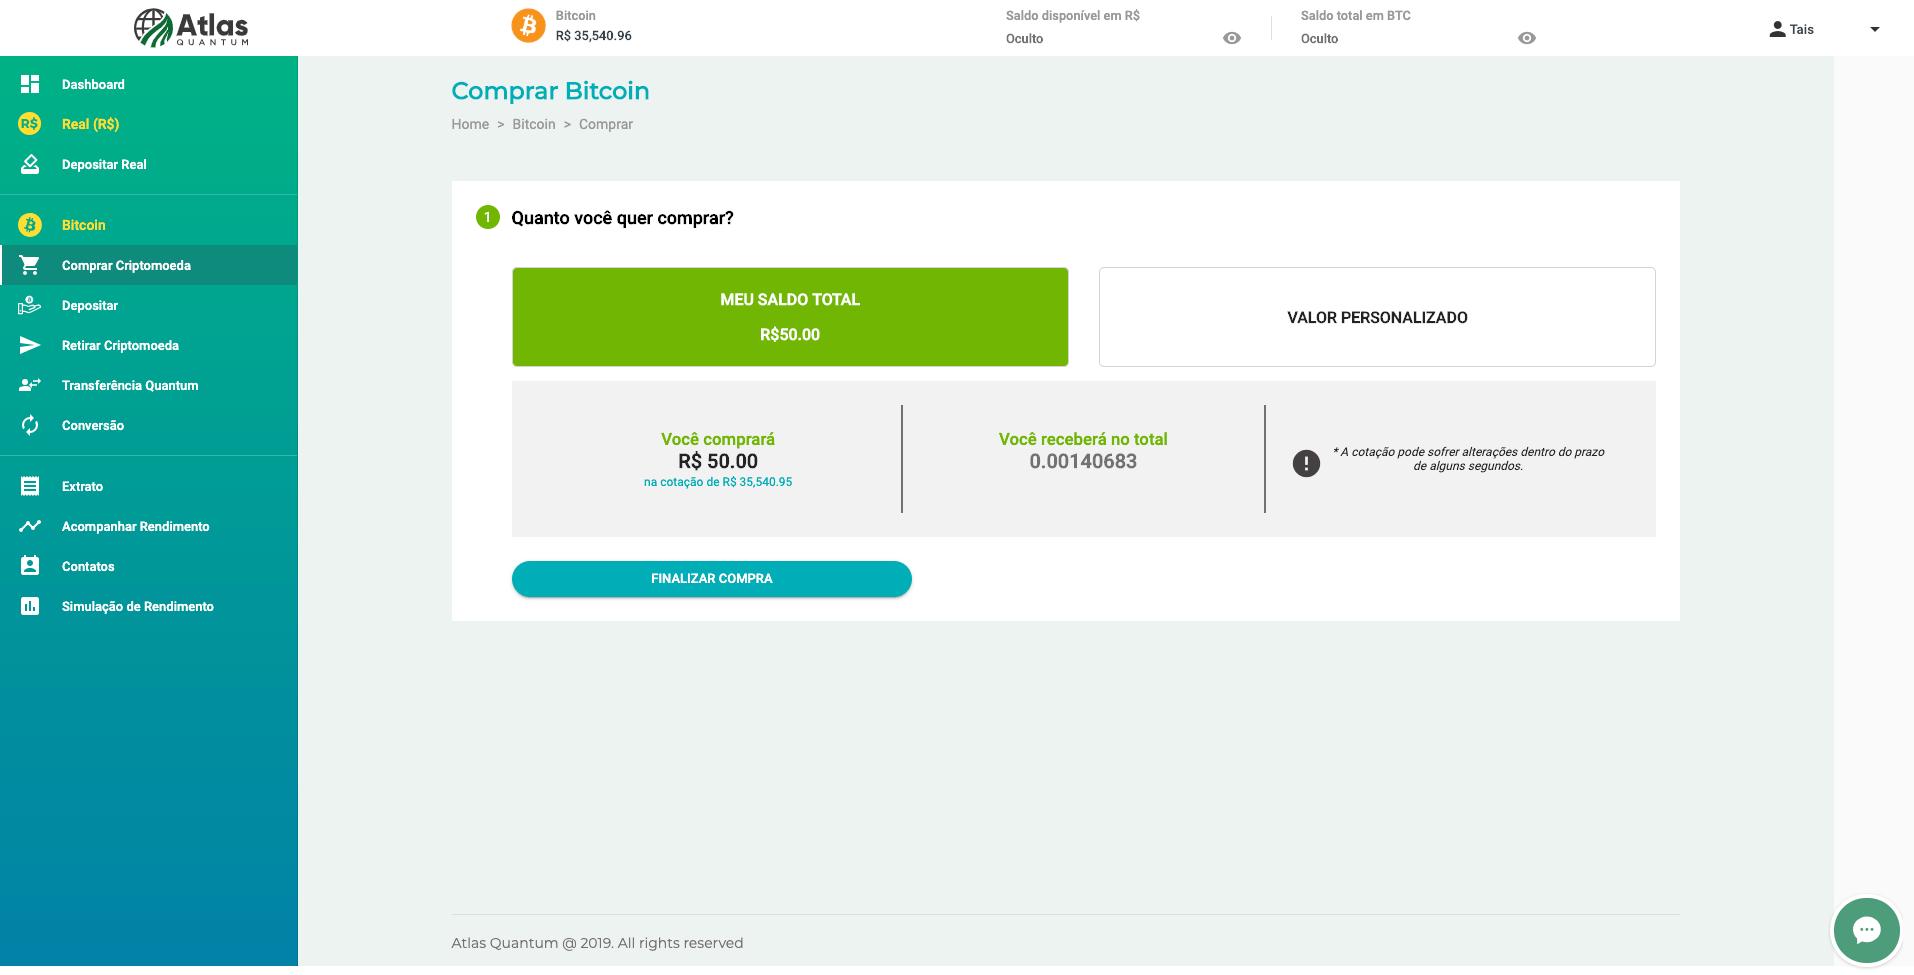 Tutorial: Como Comprar Bitcoin após Fazer Depósito em Reais